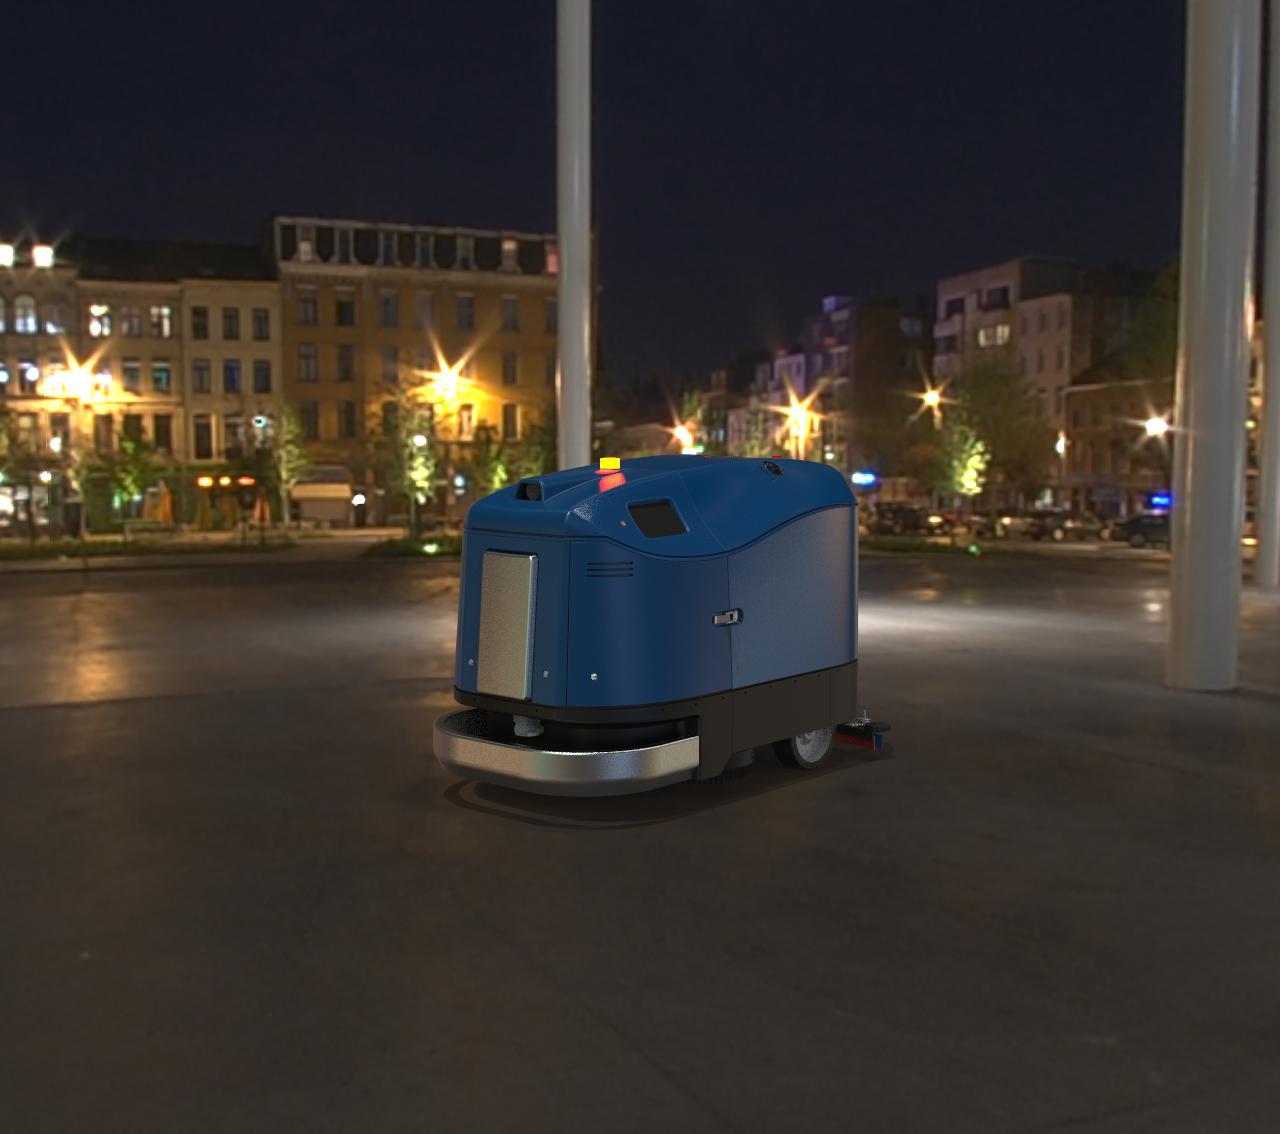 大型商業地面清潔機器人